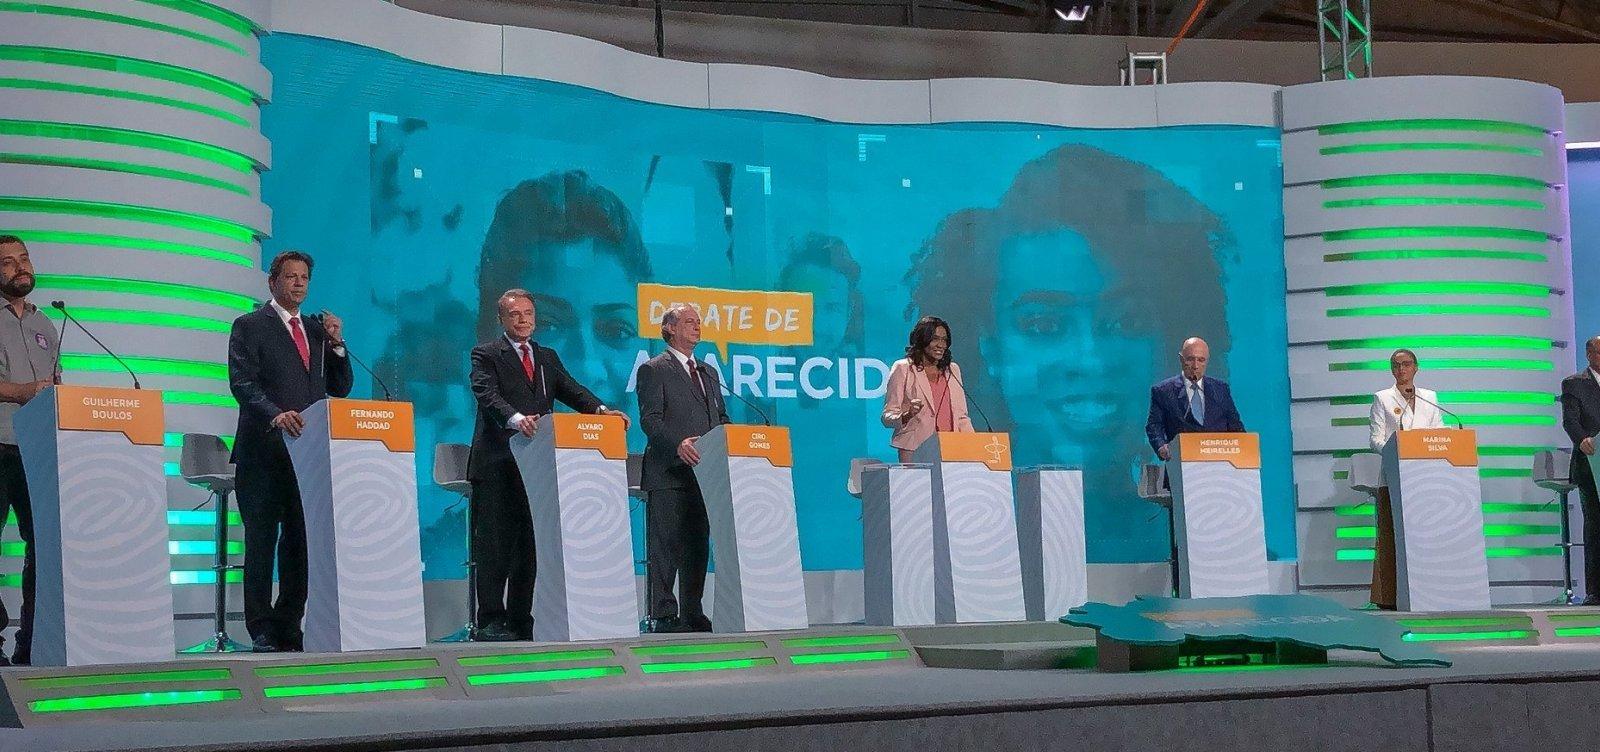 [Datafolha: para 67% dos eleitores, debates são muito importantes no 2º turno]